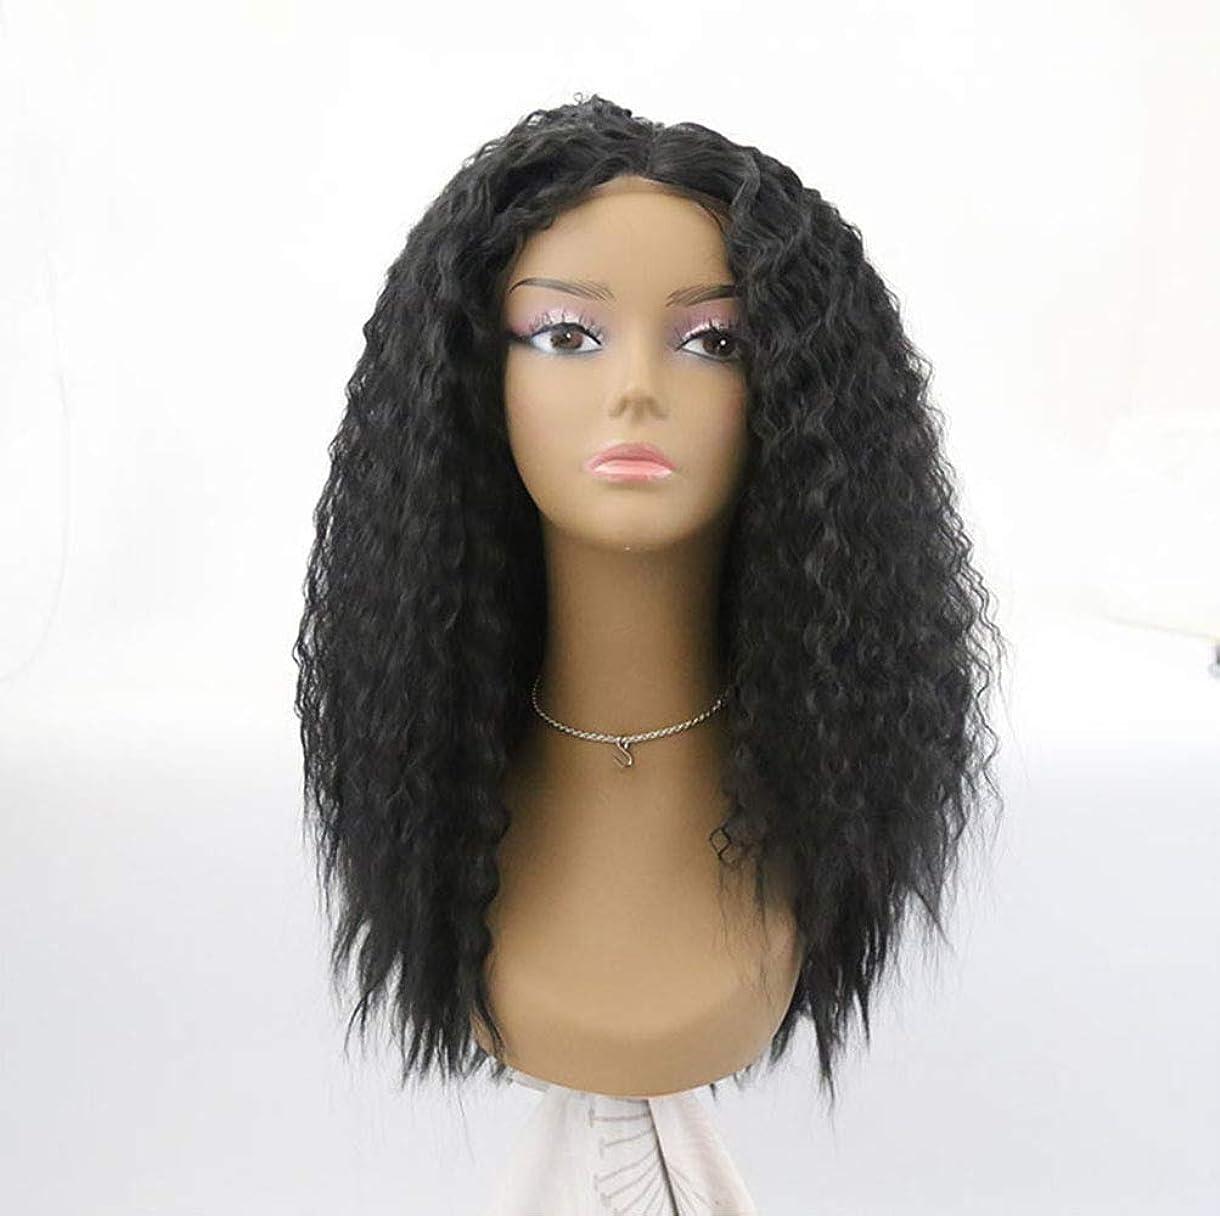 ダーツ滑る汚染する女性かつら合成ブラジルのレースフロント人間の髪の毛のかつらremy髪の前摘み取ら漂白ノット